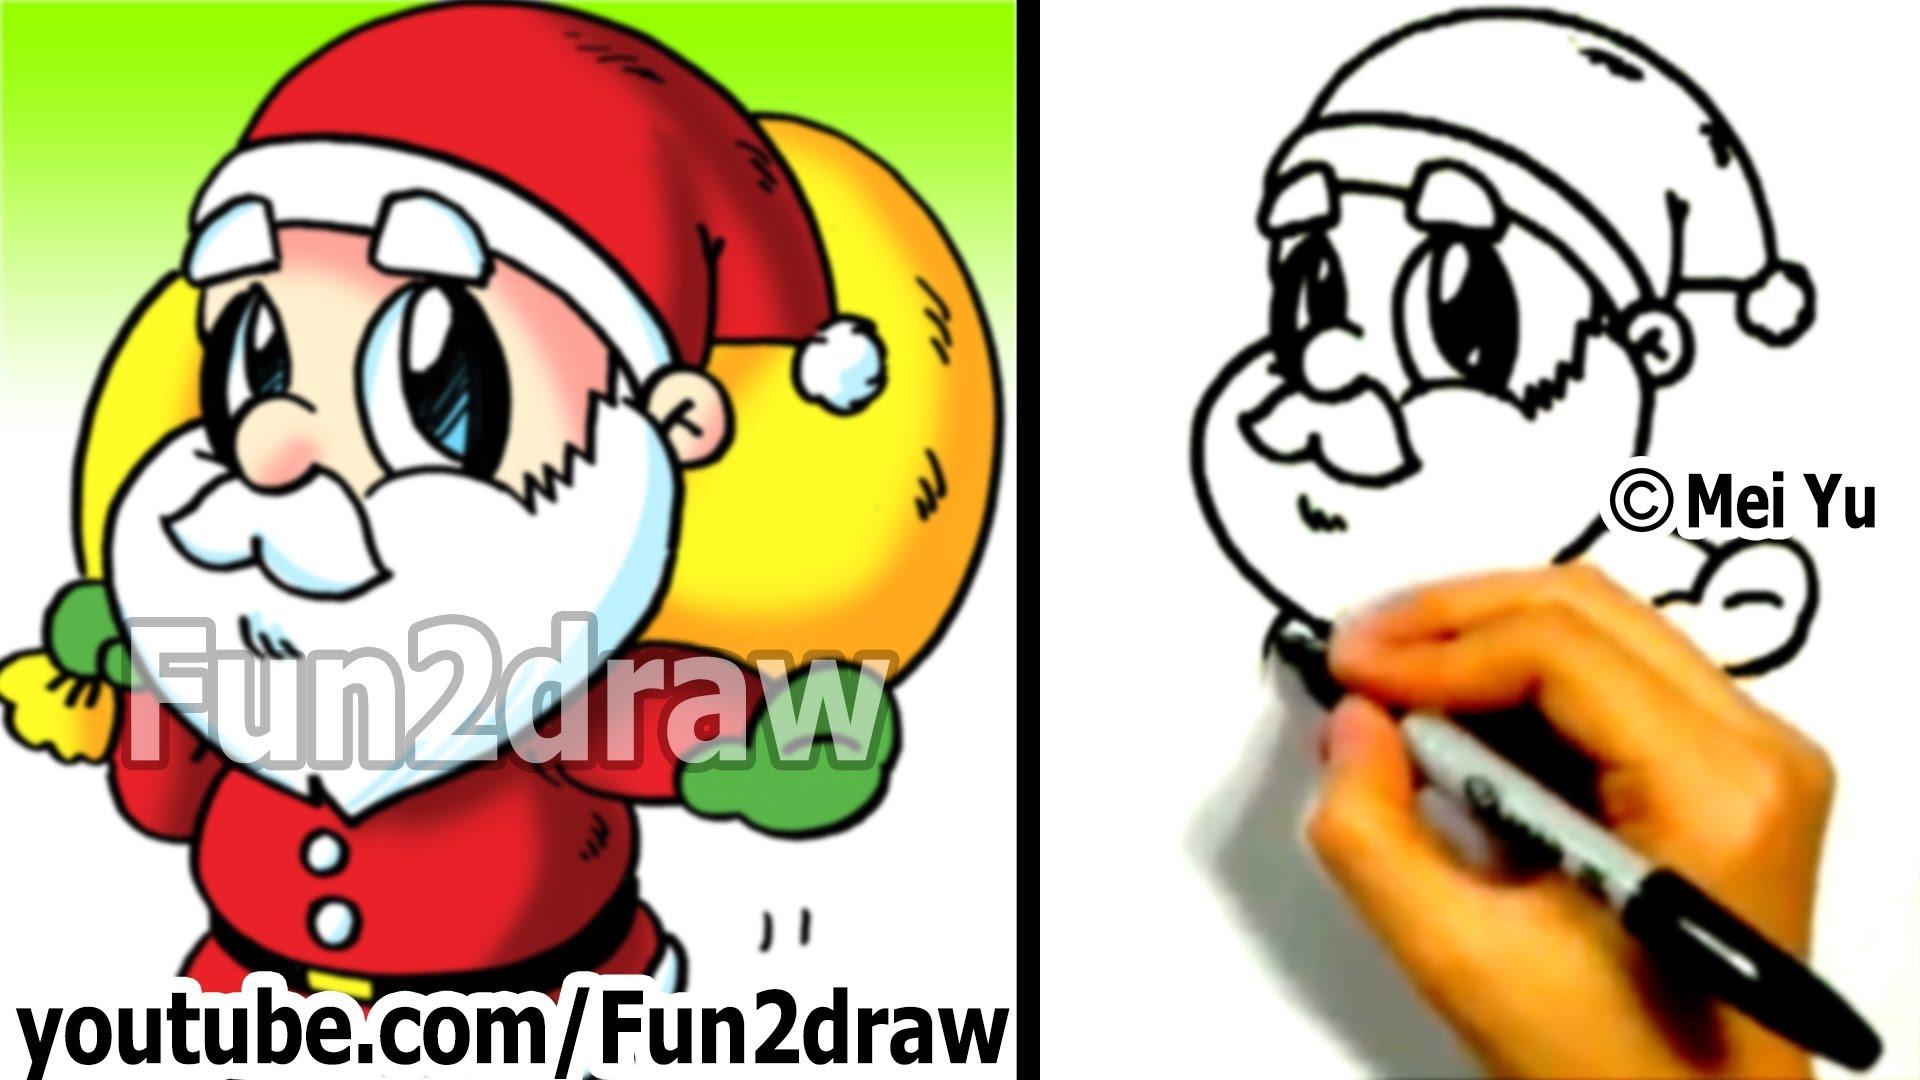 Drawn reindeer mei yu Draw Fun2draw YouTube Things Fun